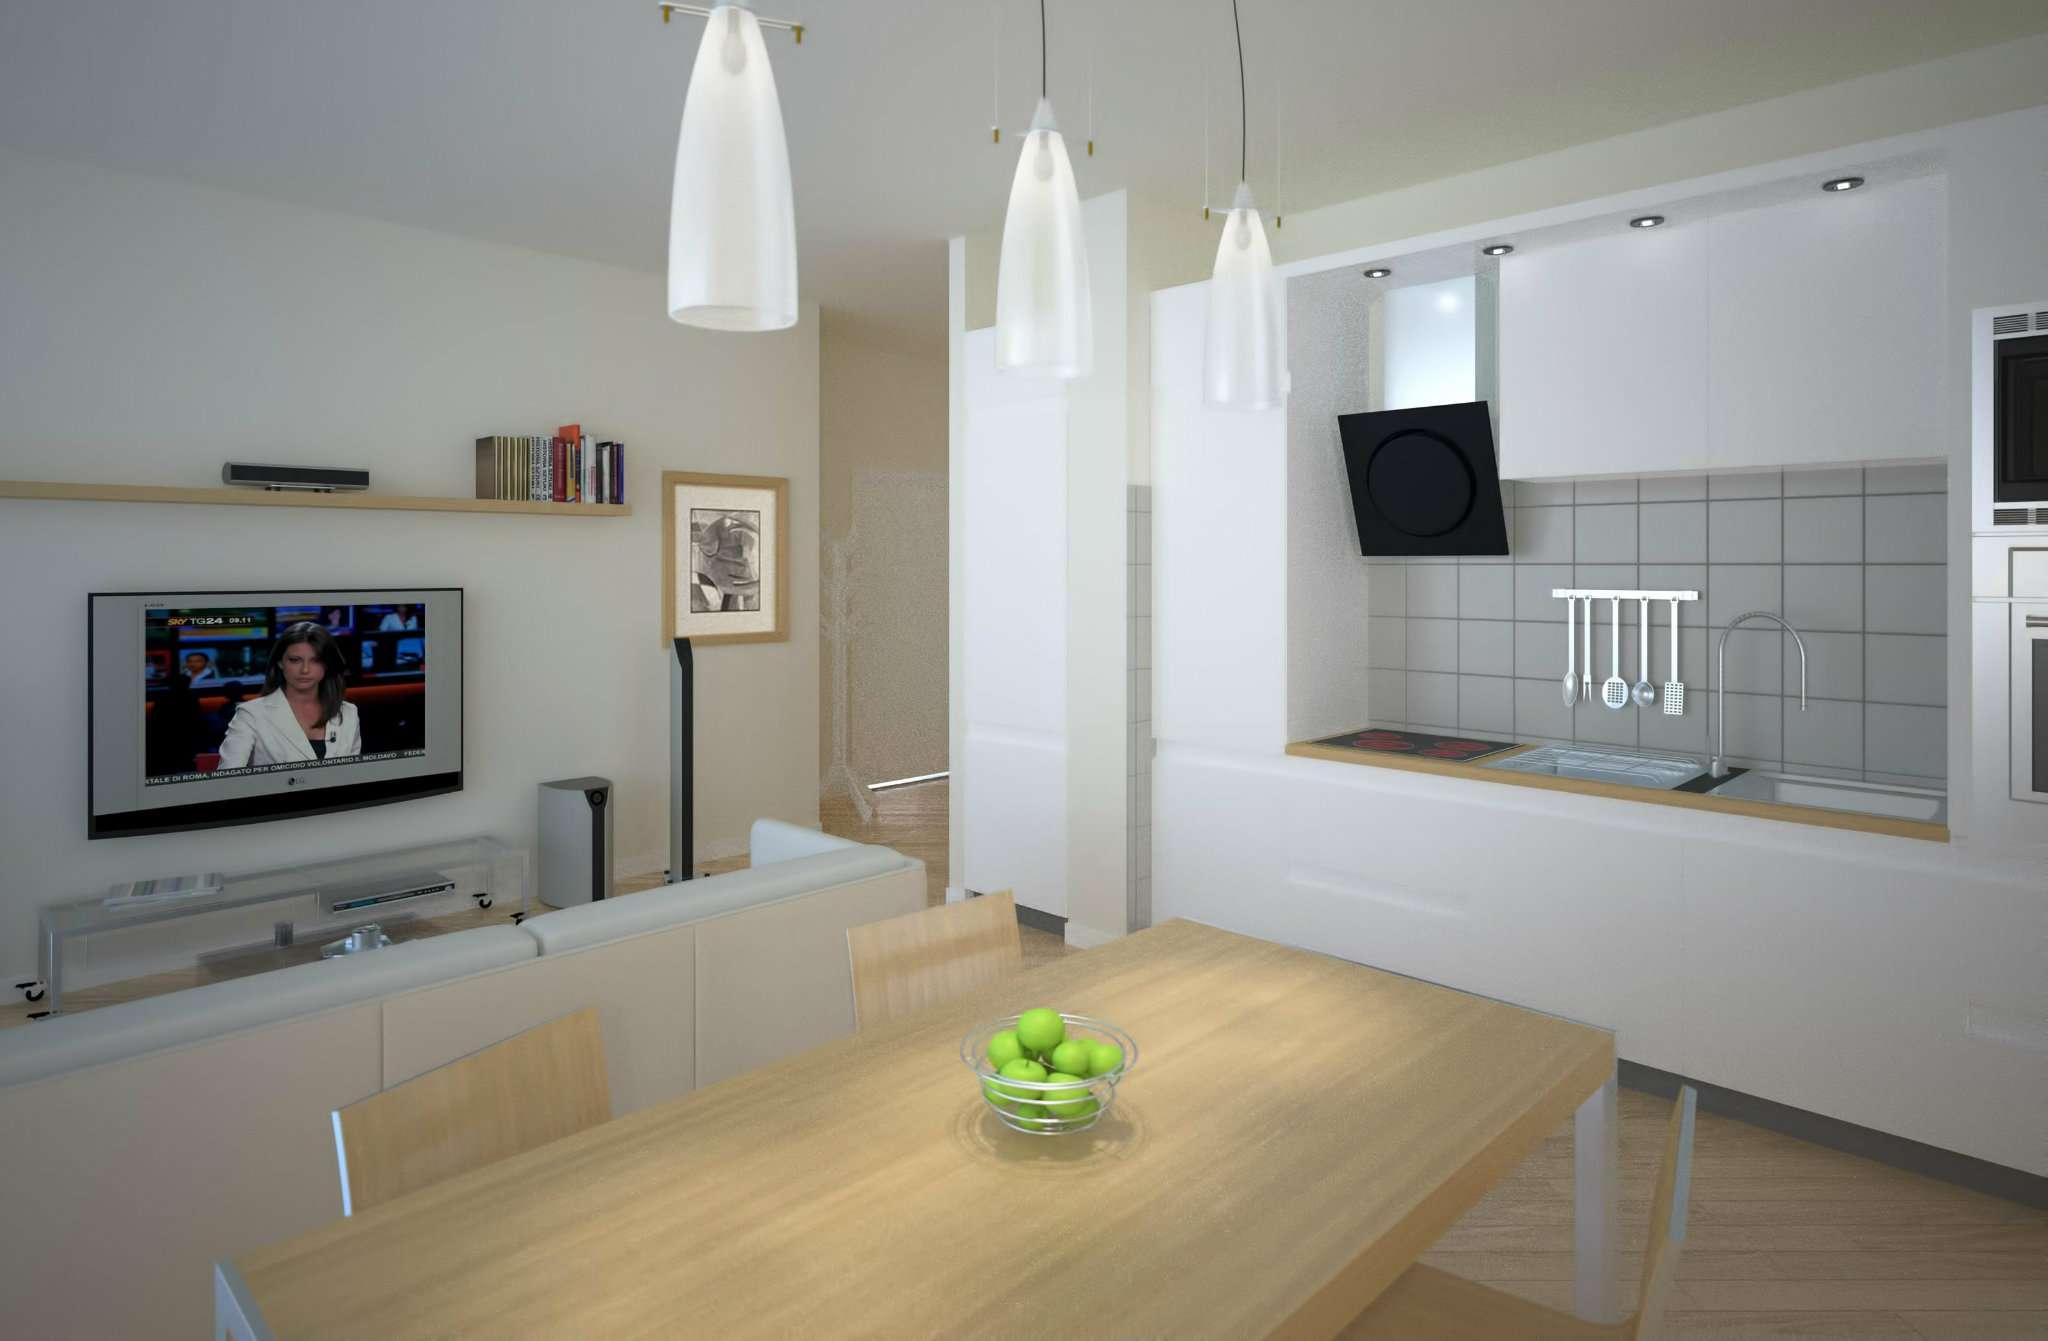 Appartamento in vendita a Biassono, 2 locali, prezzo € 187.000 | PortaleAgenzieImmobiliari.it